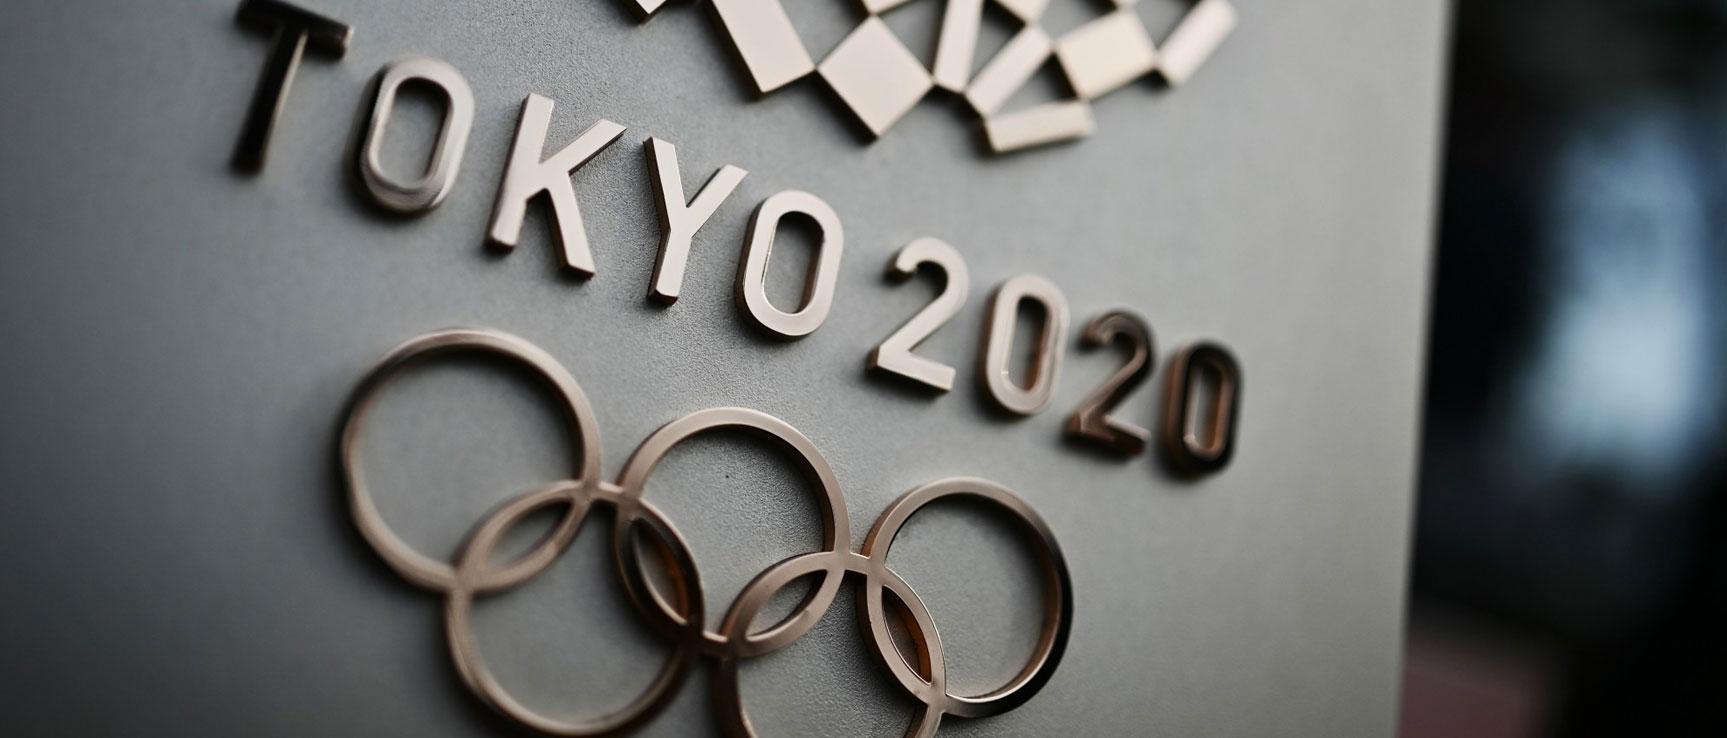 Le Maroc officiellement qualifié aux Jeux olympiques de Tokyo en dressage et en saut d'obstacles